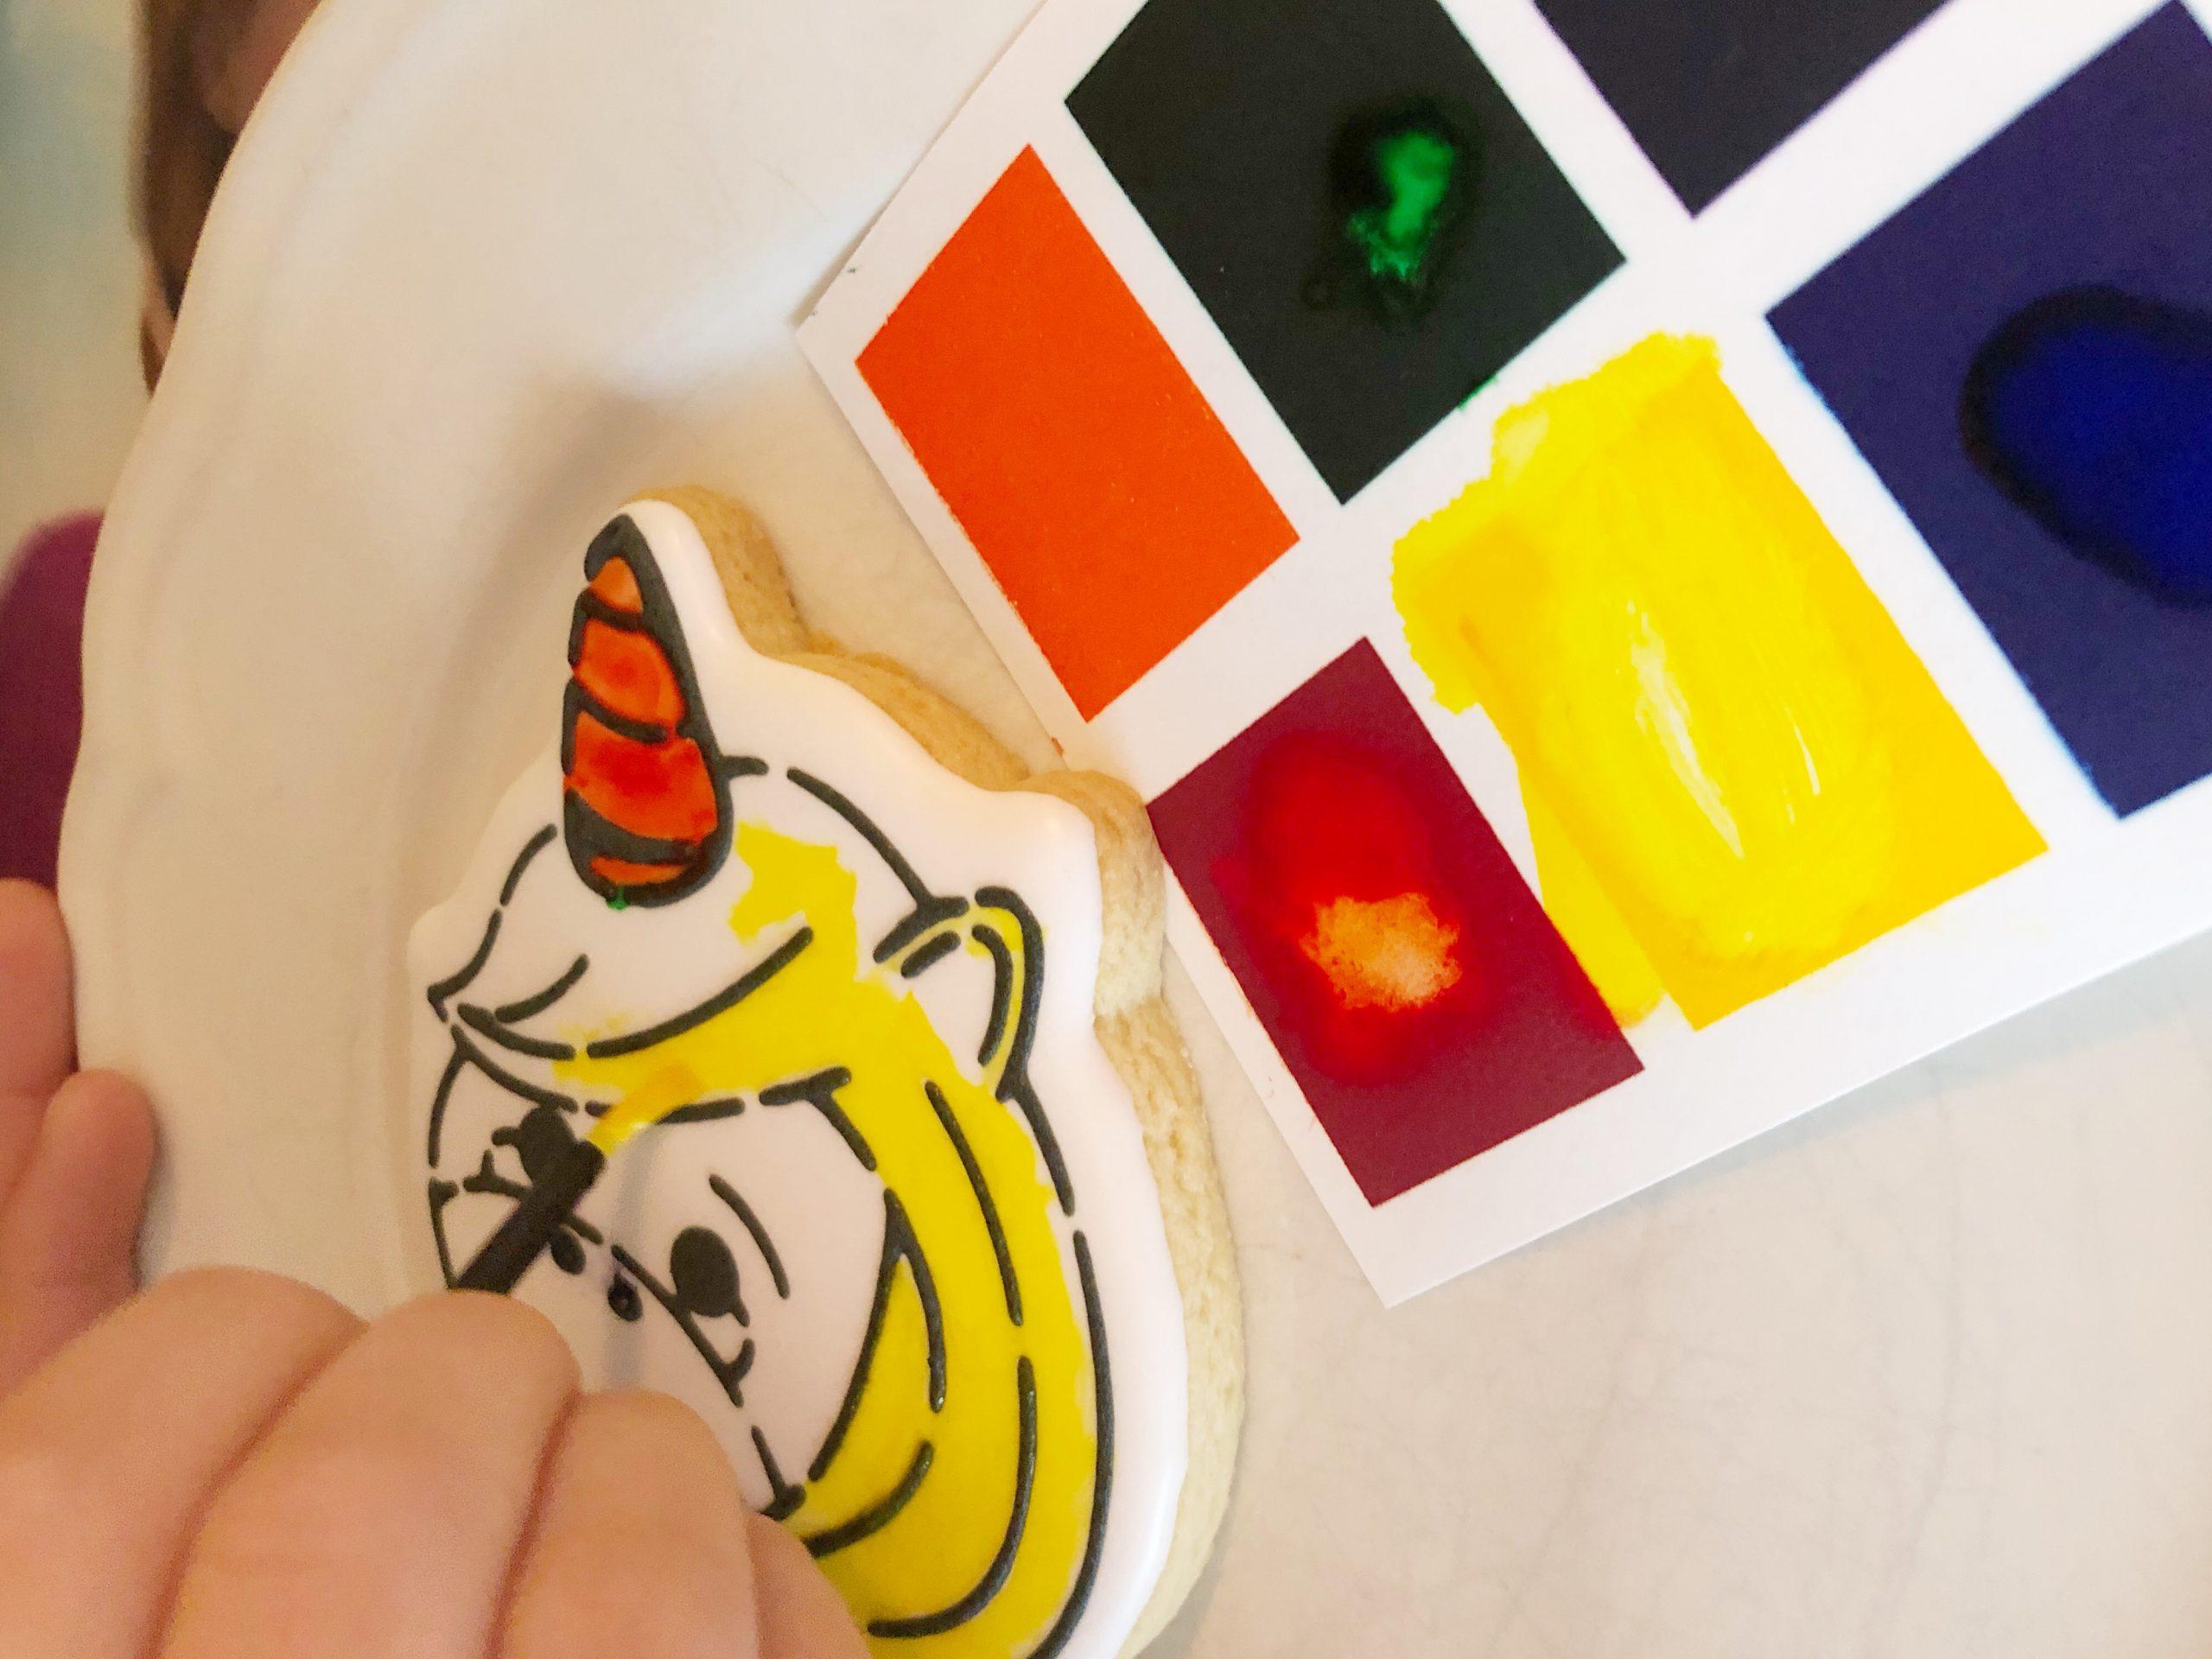 koekjes schilderen - koekatelier